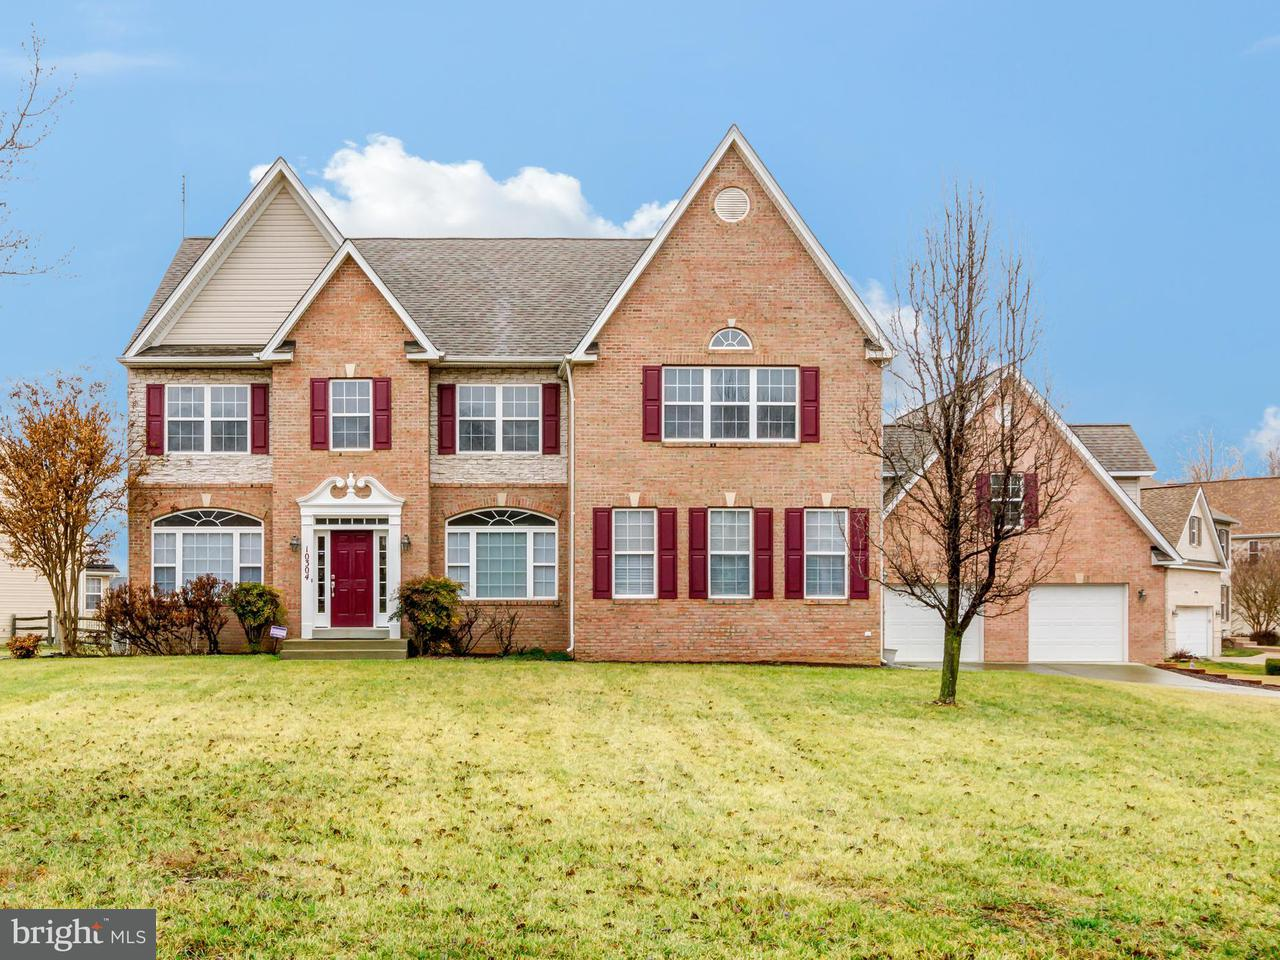 獨棟家庭住宅 為 出售 在 10304 Sarah Landing Drive 10304 Sarah Landing Drive Cheltenham, 馬里蘭州 20623 美國